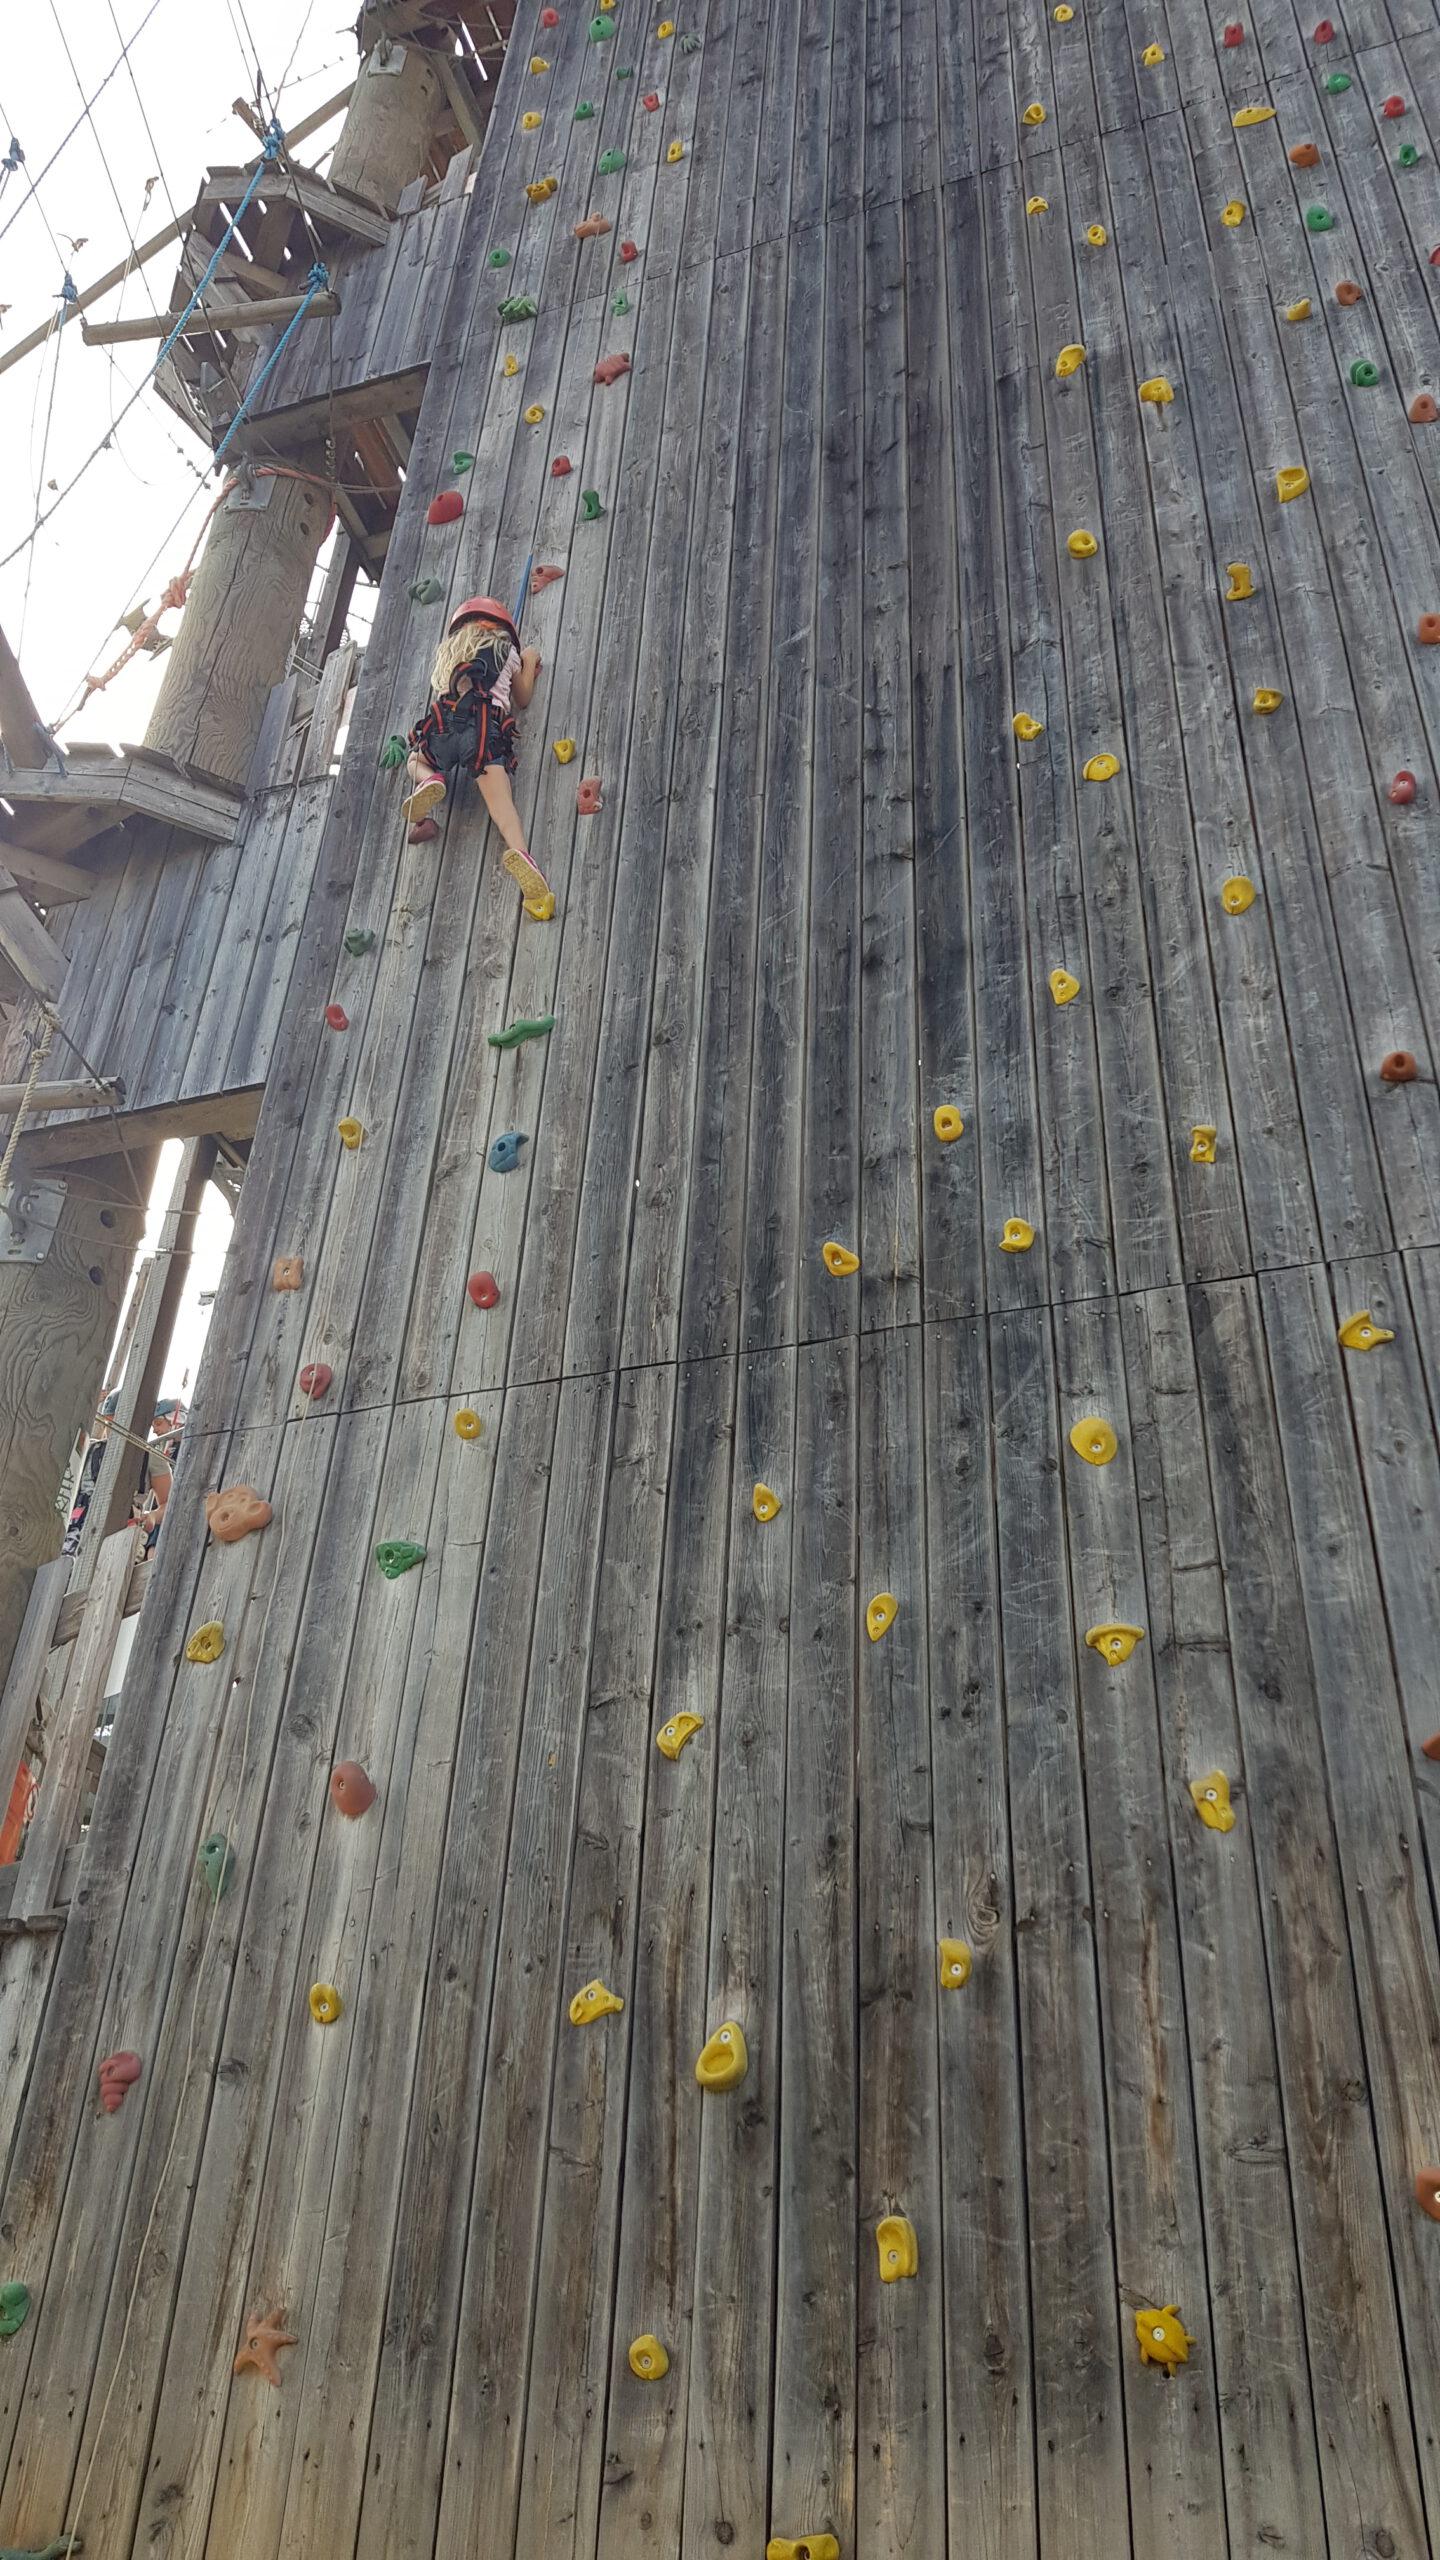 Unsere 15-Meter-Kletterwand – ein Highlight nicht nur für die Kids – unsere Juniorchefin macht es vor – kein Problem – Eltern nur zum Zuschauen erlaubt (-: